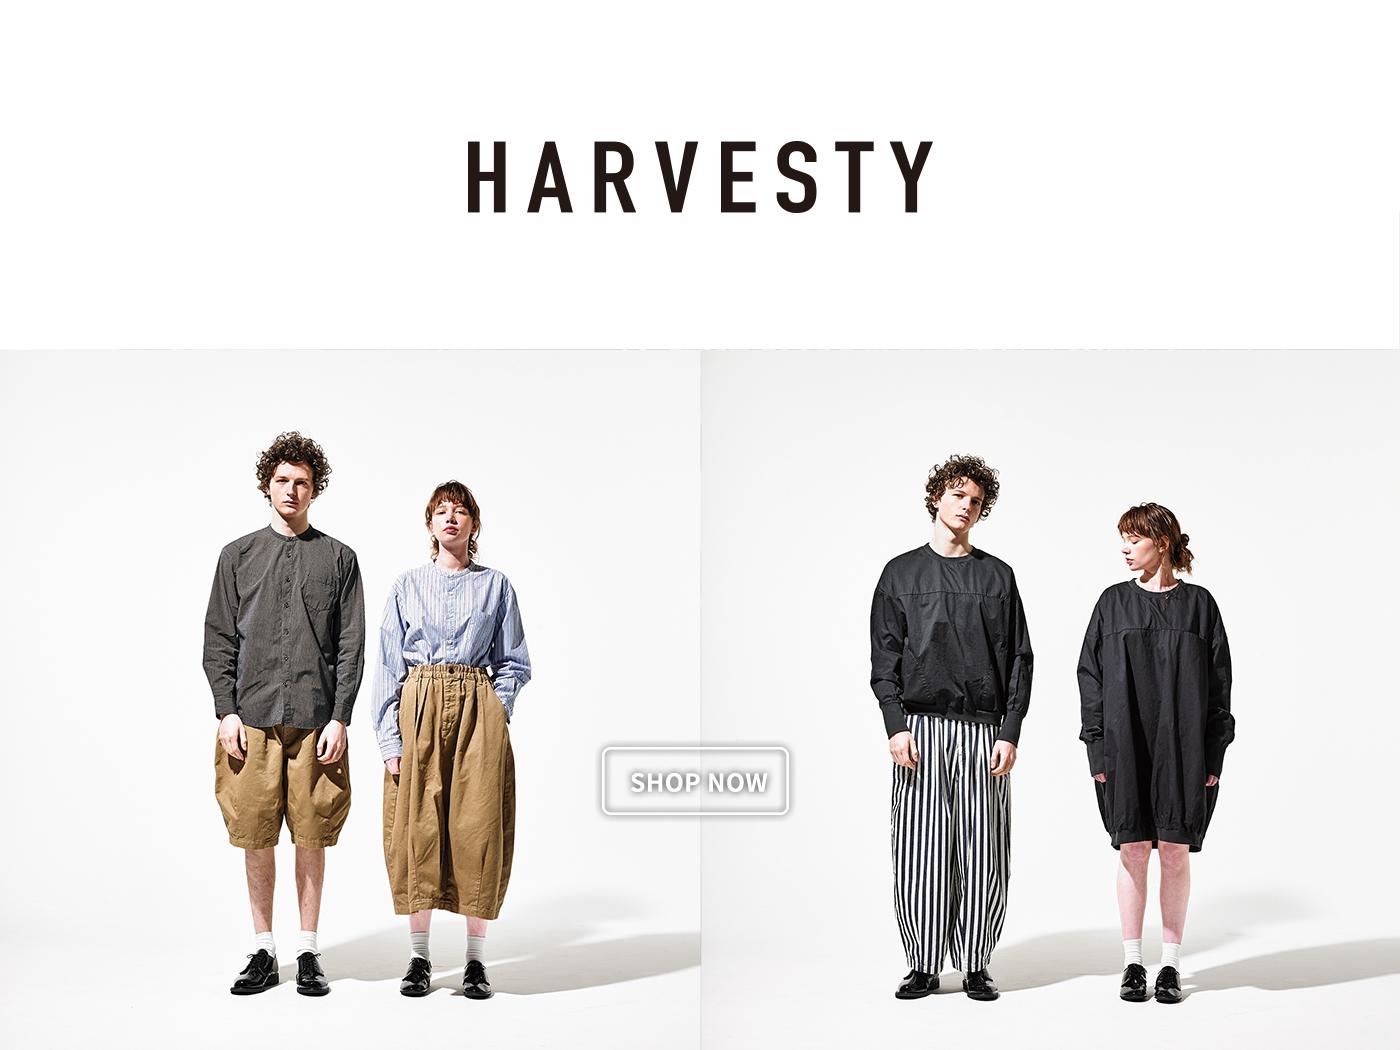 harvesty,harvesty台灣,harvesty 褲,harvesty 福岡,harvesty japan,harvesty jp,harvesty 通販,CIRCUS PANTS,馬戲團褲,寬褲